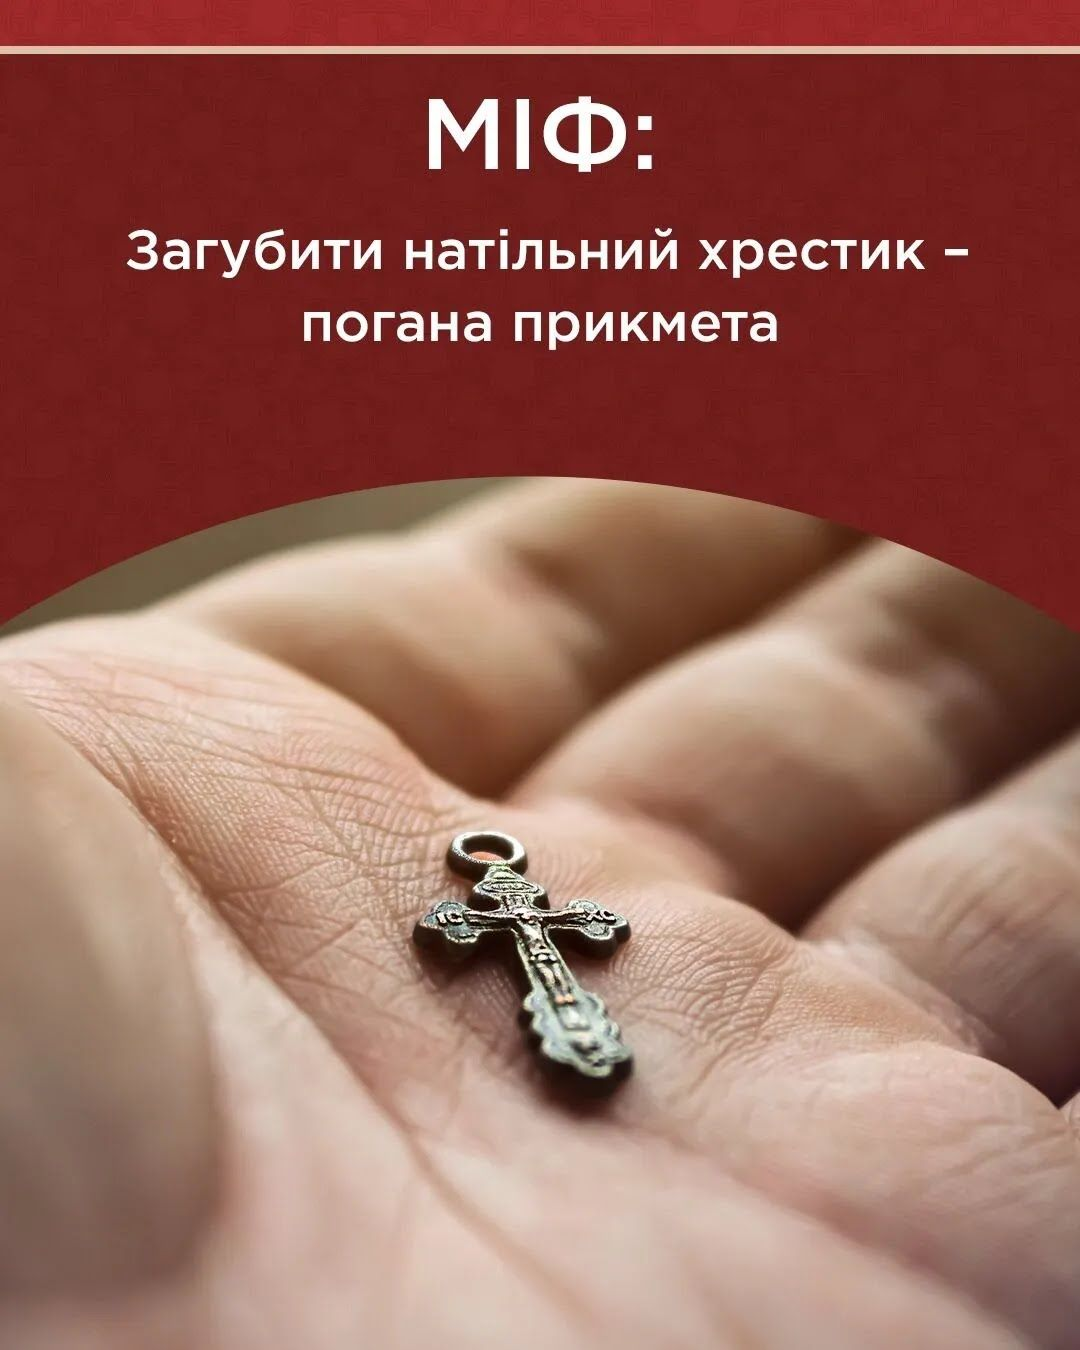 Если человек потерял крестик, не стоит отчаиваться